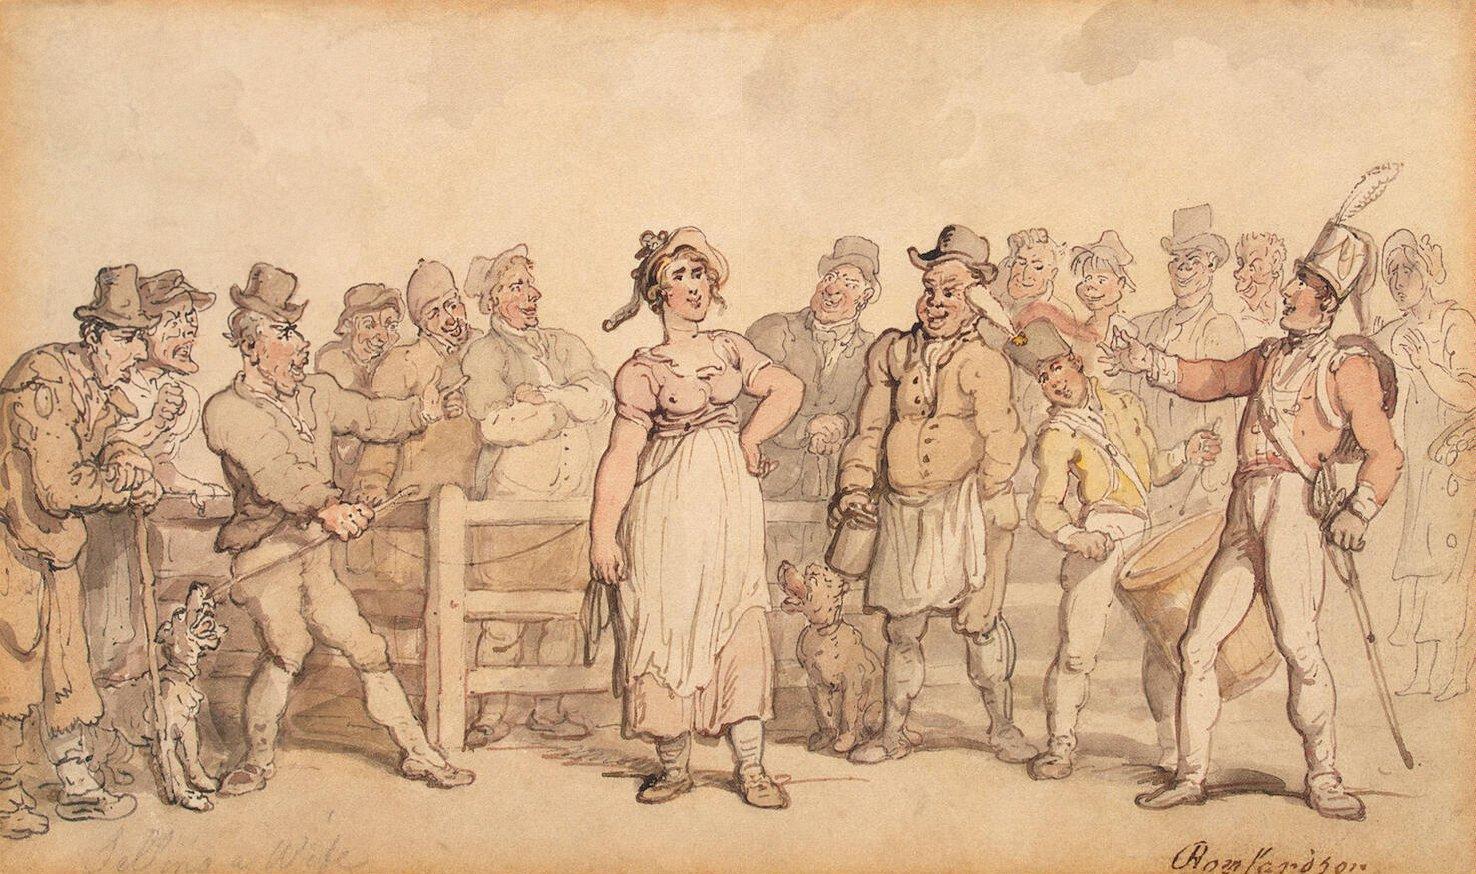 Sự thật phía sau câu chuyện những ông chồng buộc cổ, dắt vợ ra bán ngoài chợ như hàng hóa - Ảnh 2.